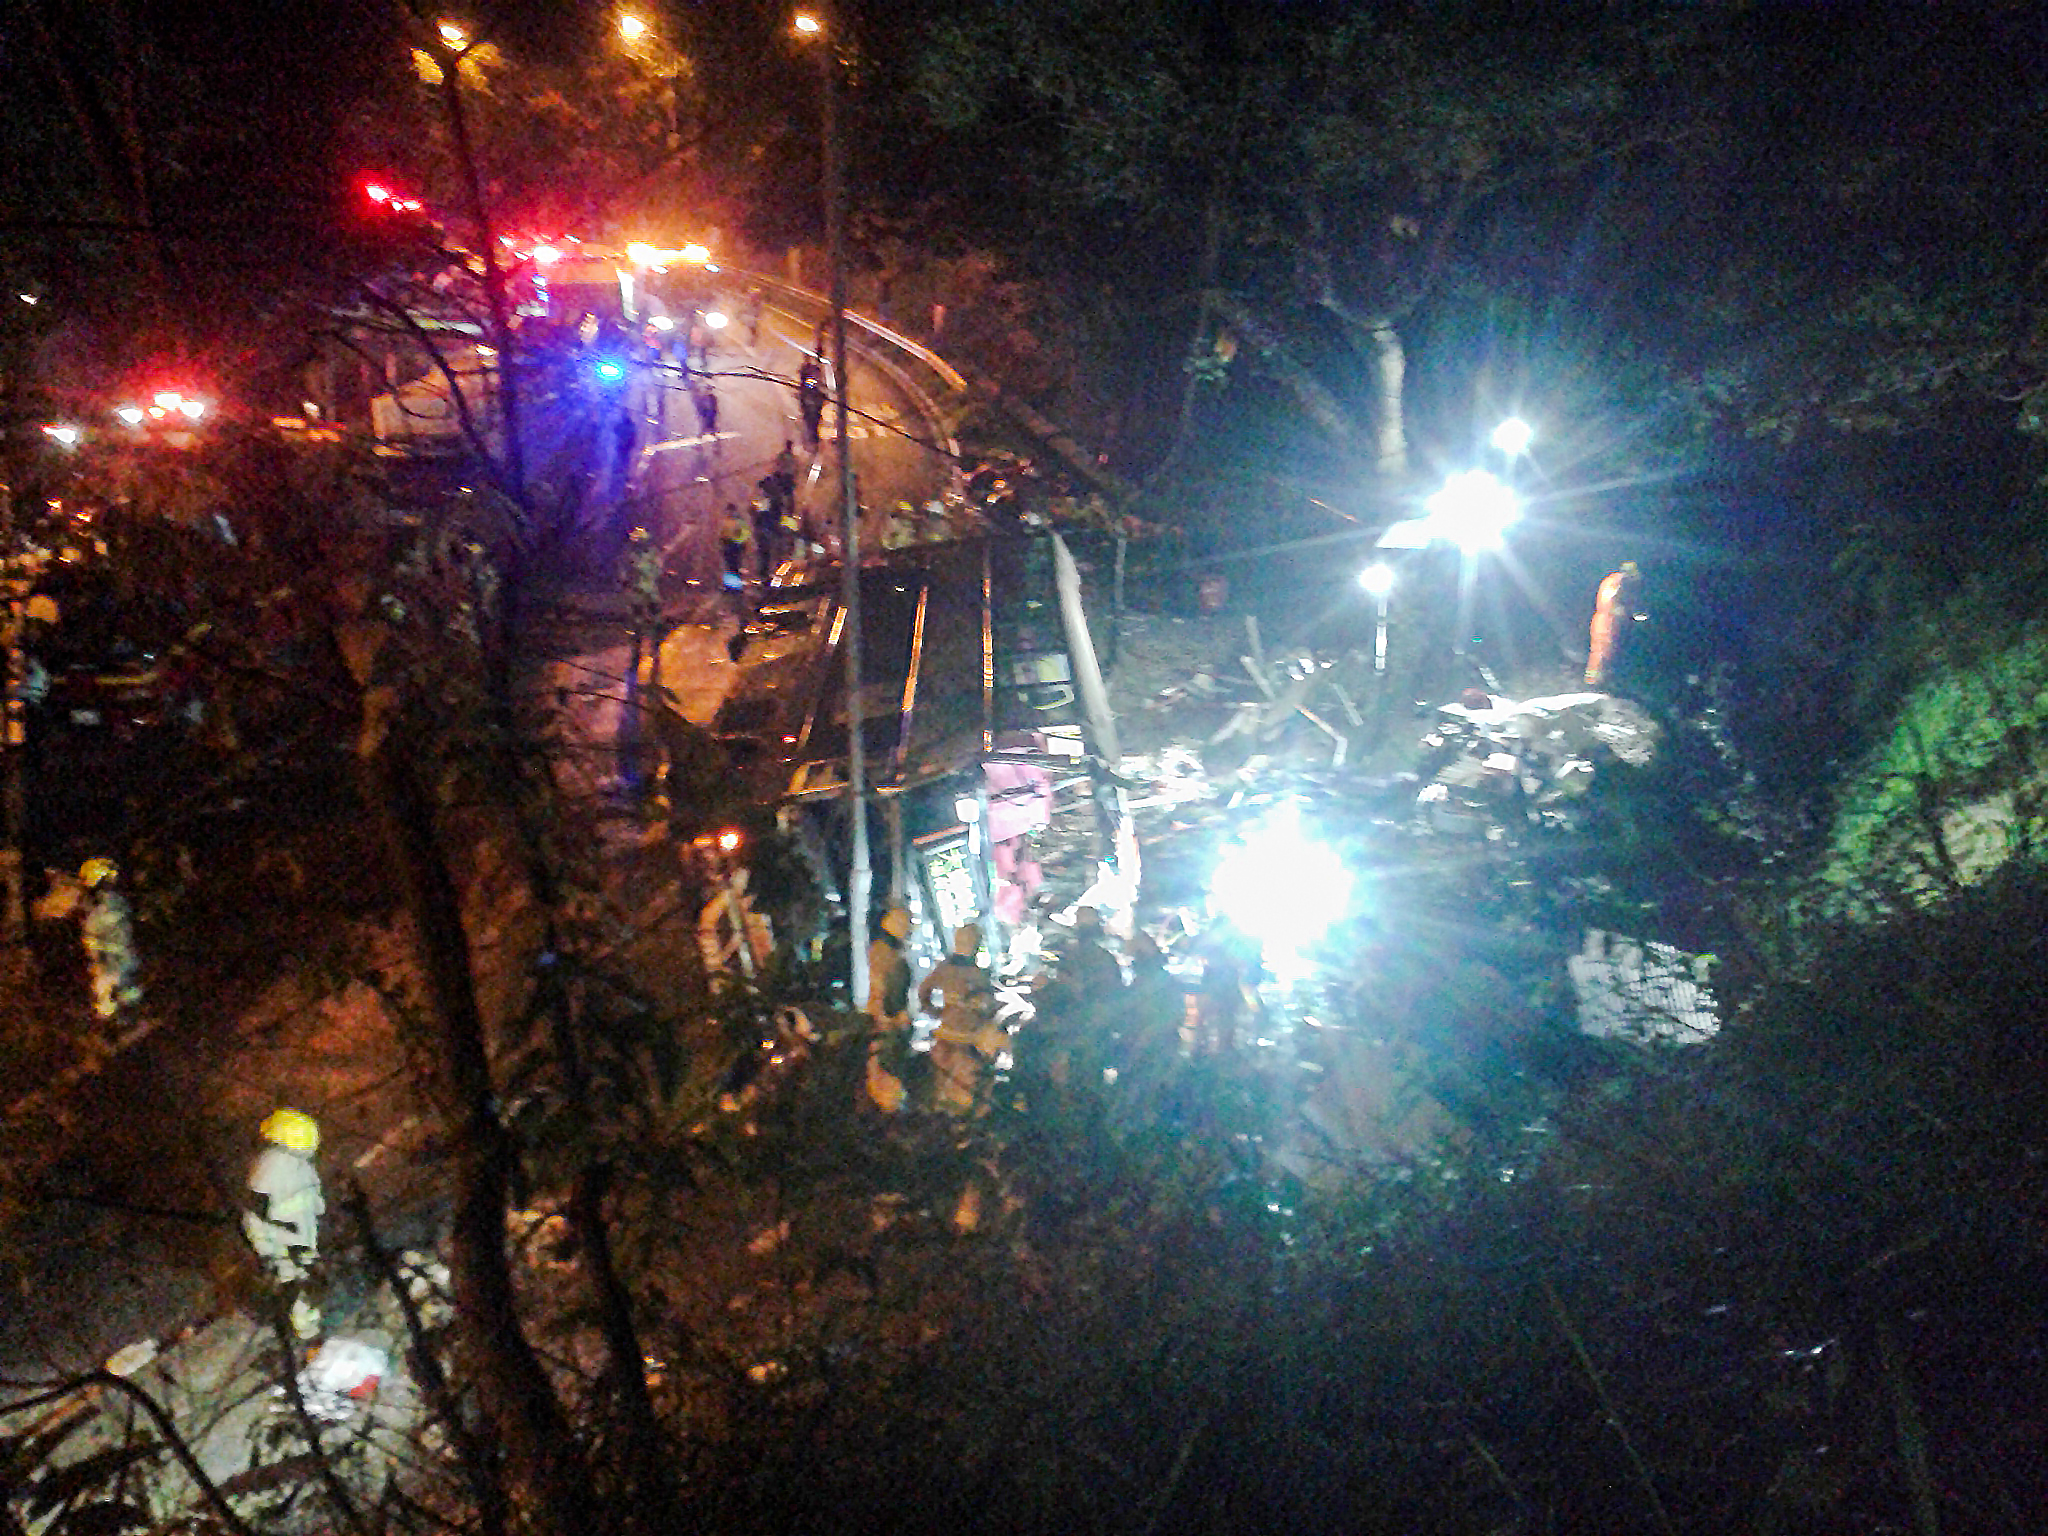 2018 Hong Kong bus accident - Wikipedia